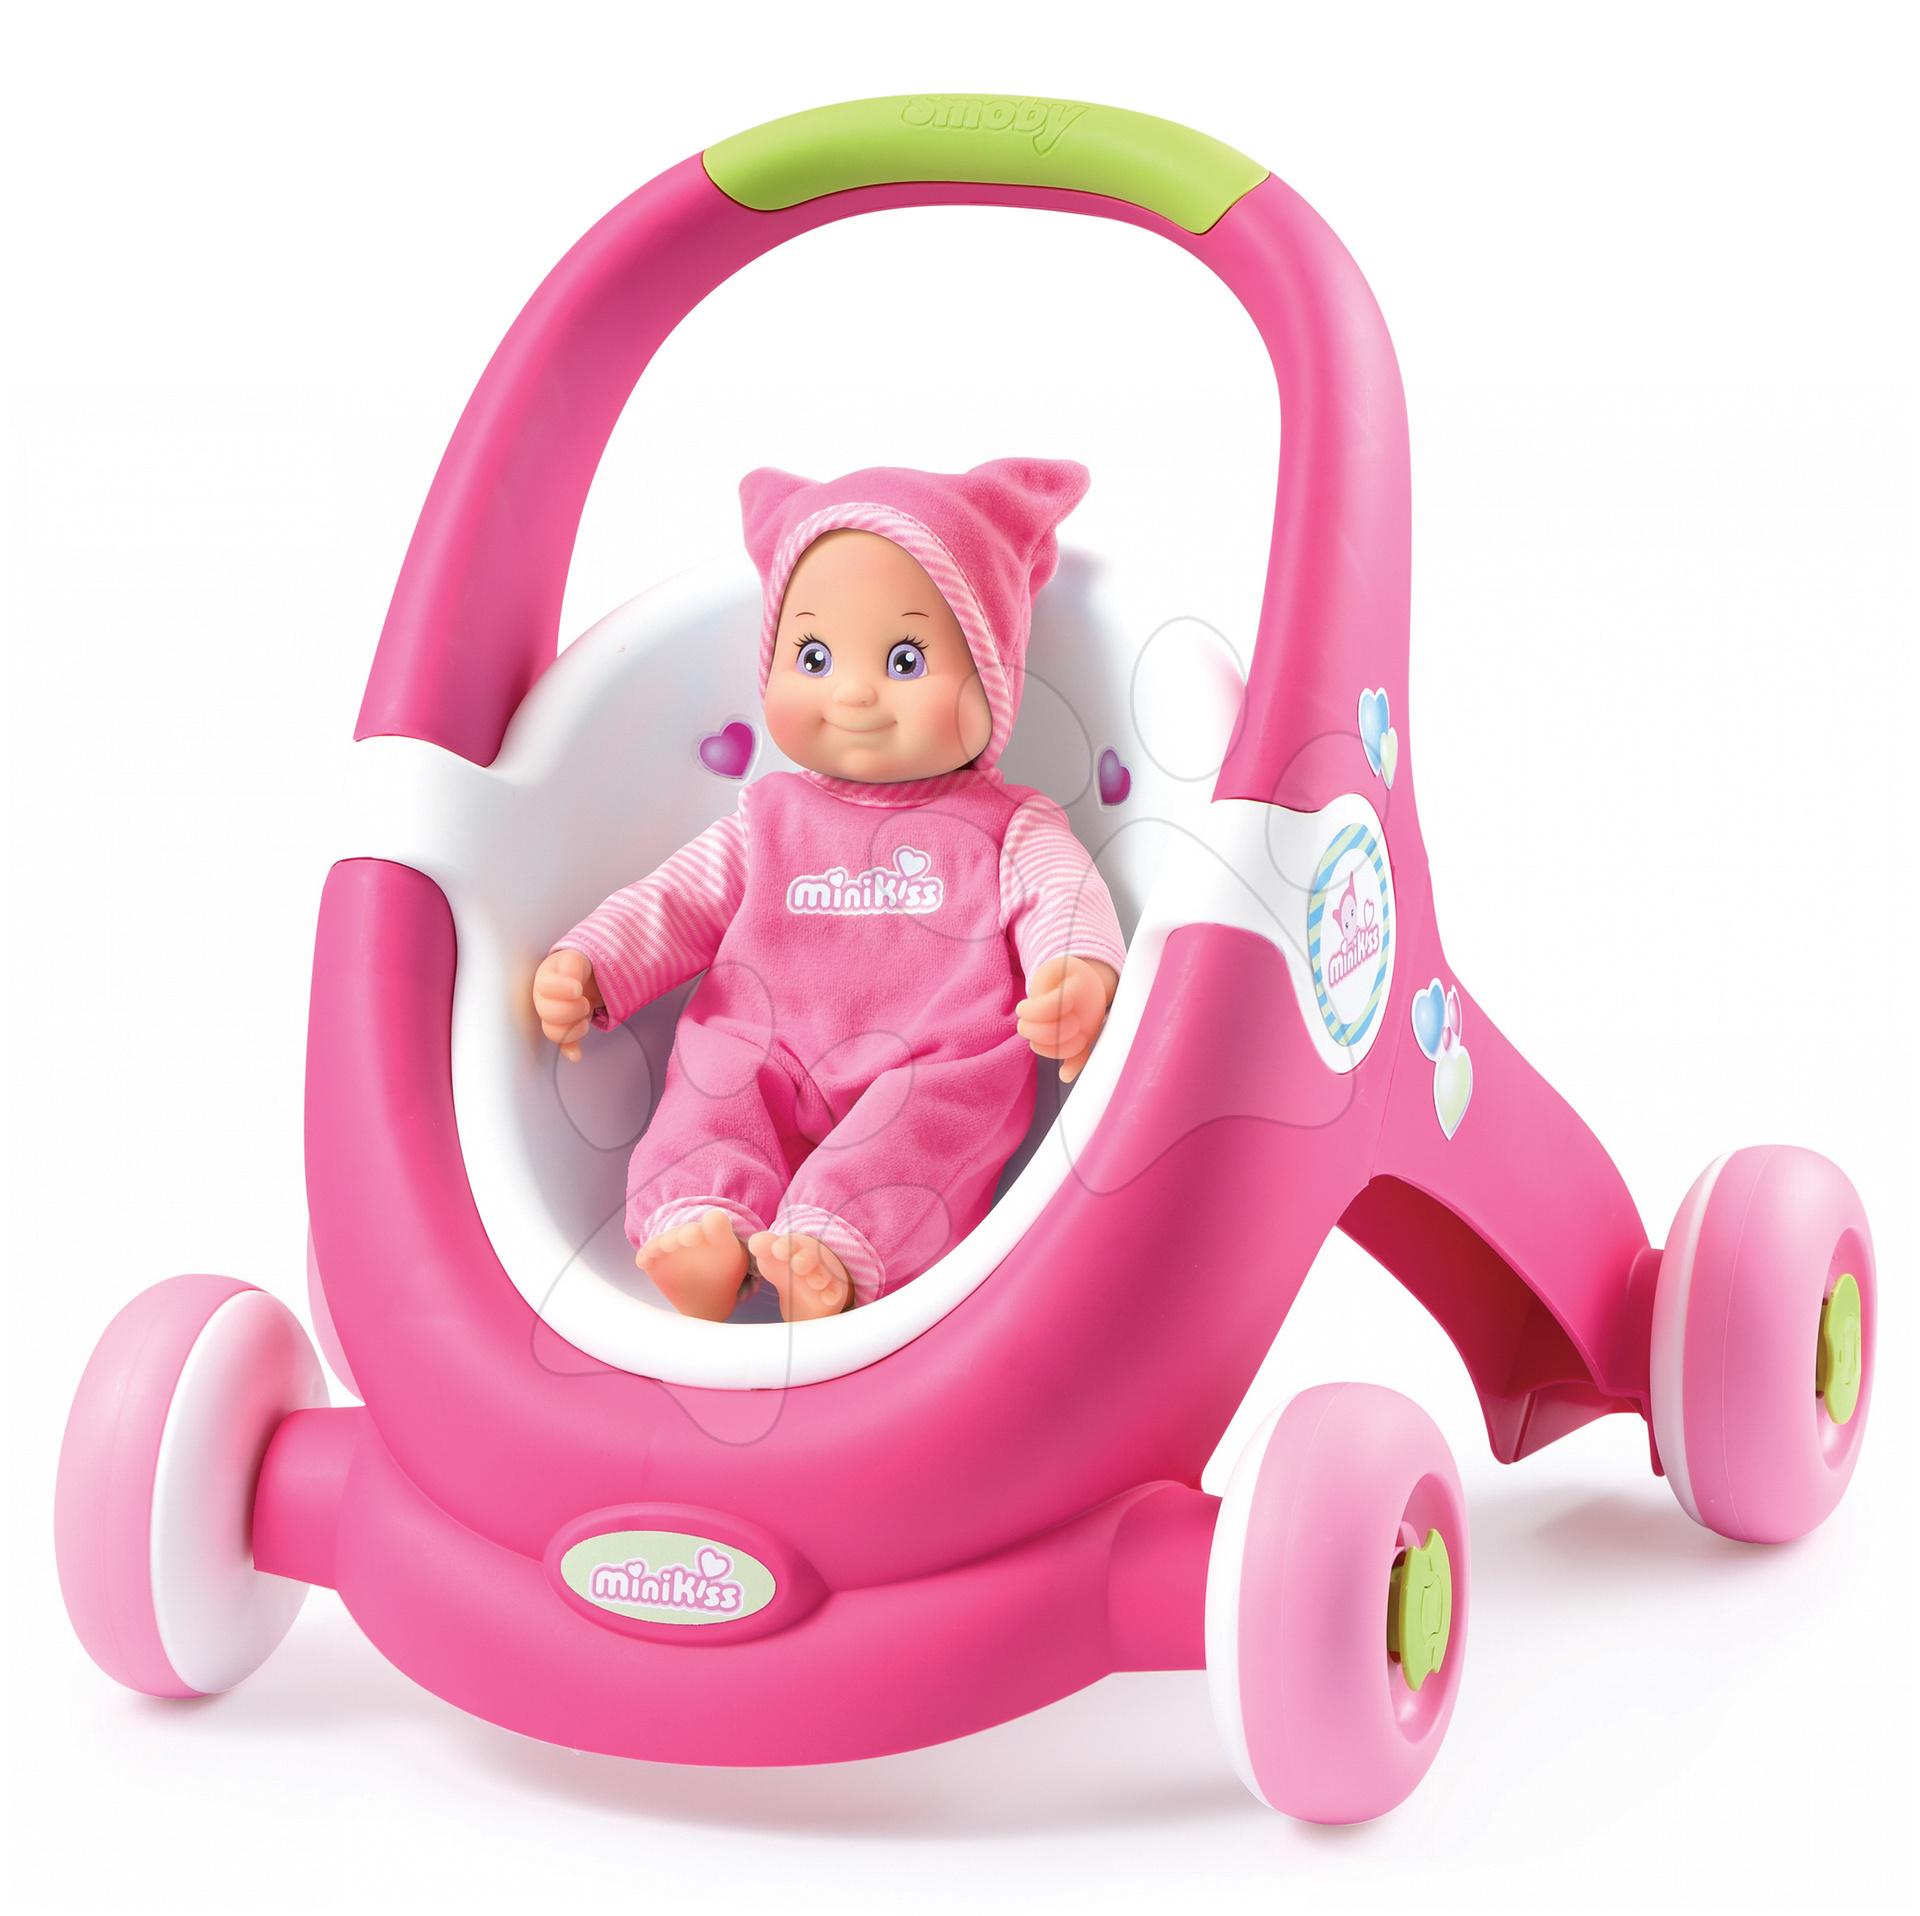 Kočárek pro panenku a dětské chodítko 2v1 MiniKiss Smoby od 12 měsíců světle růžový